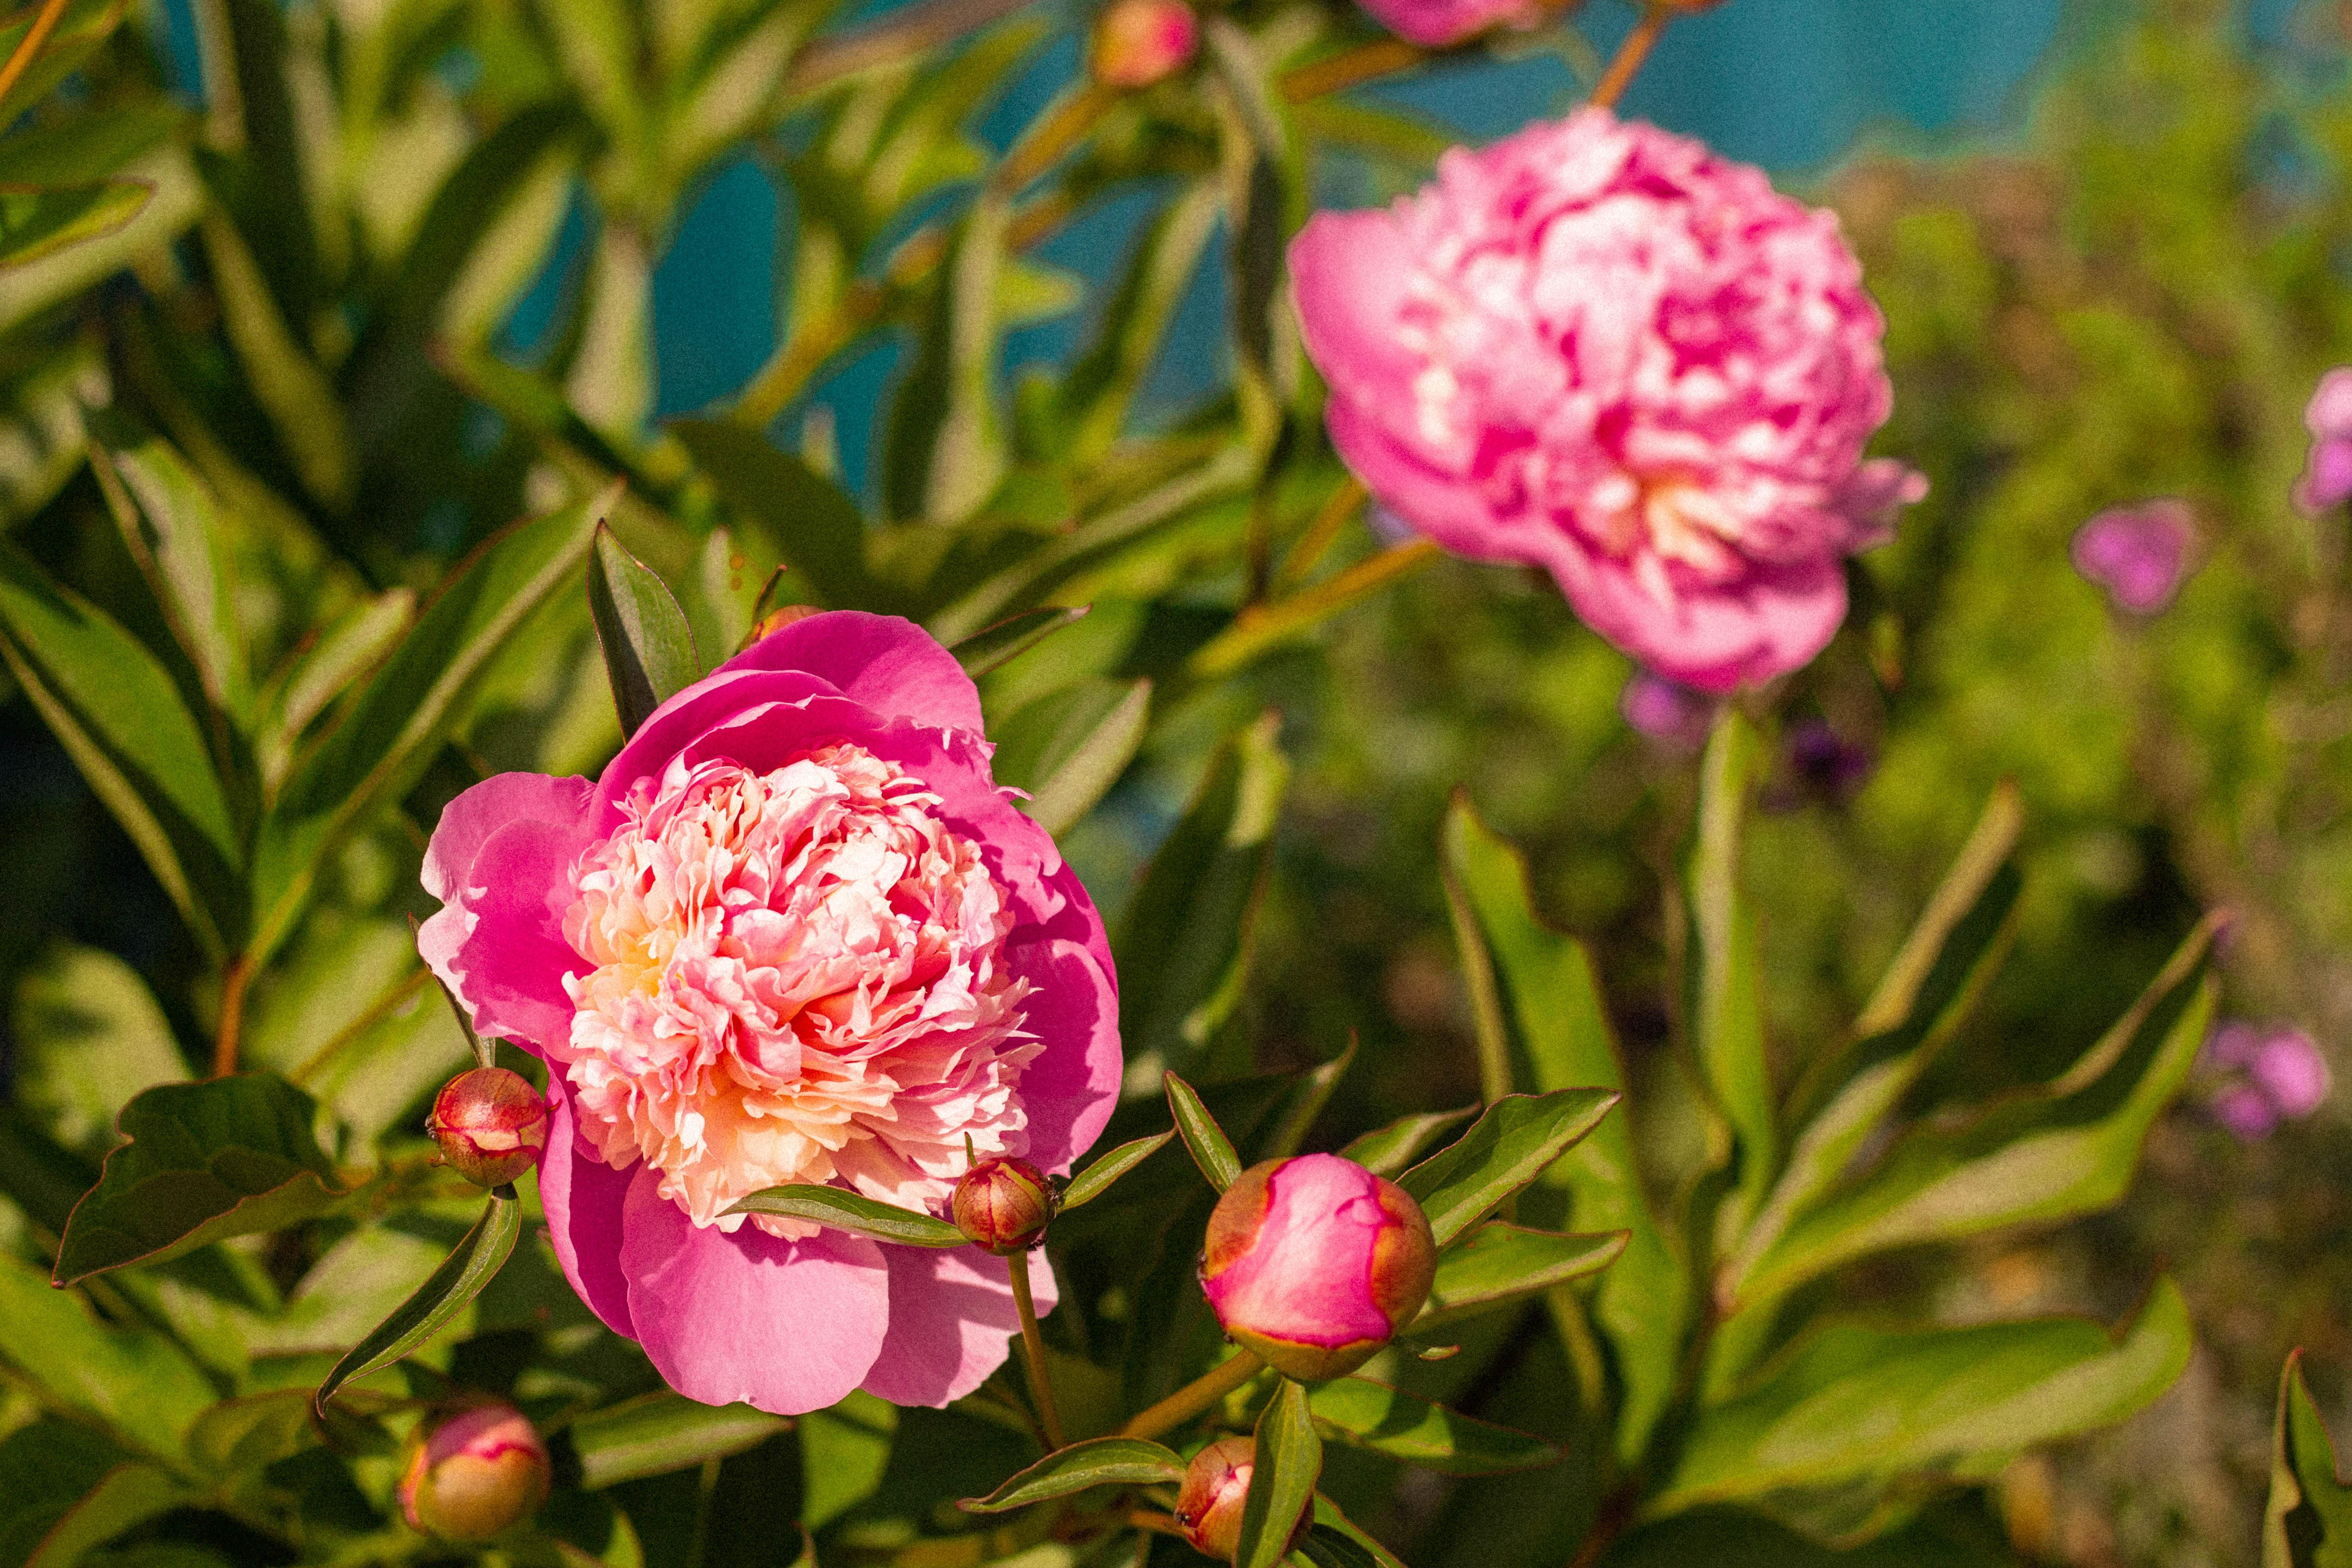 pink peonies in a garden